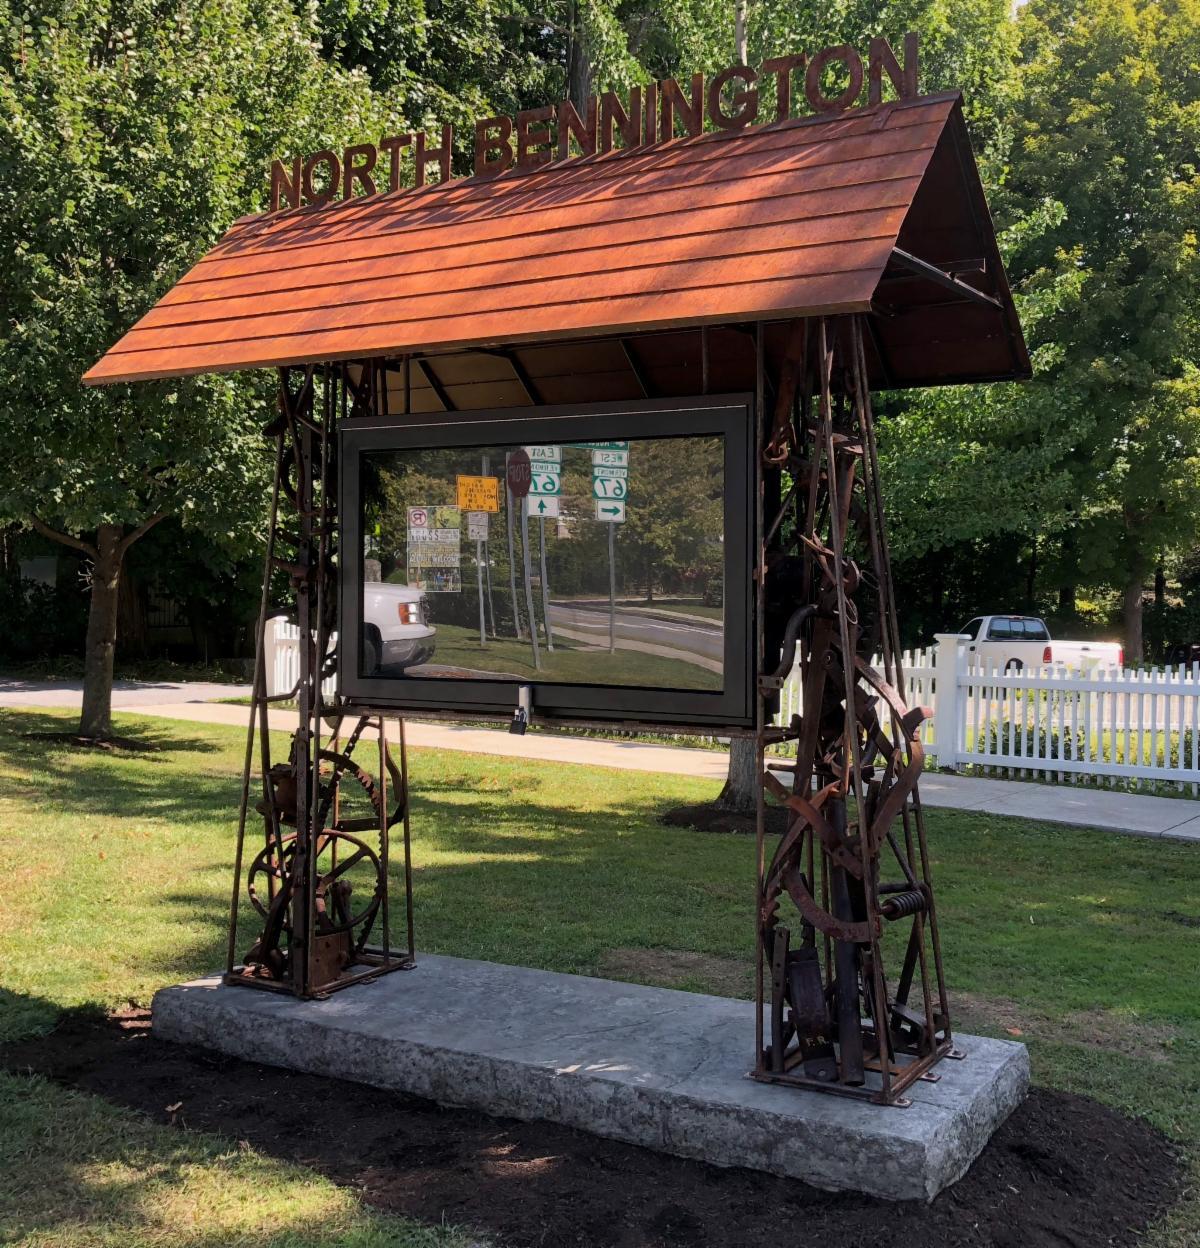 Joe Chirchirillo's sculpture kiosk in North Bennington.